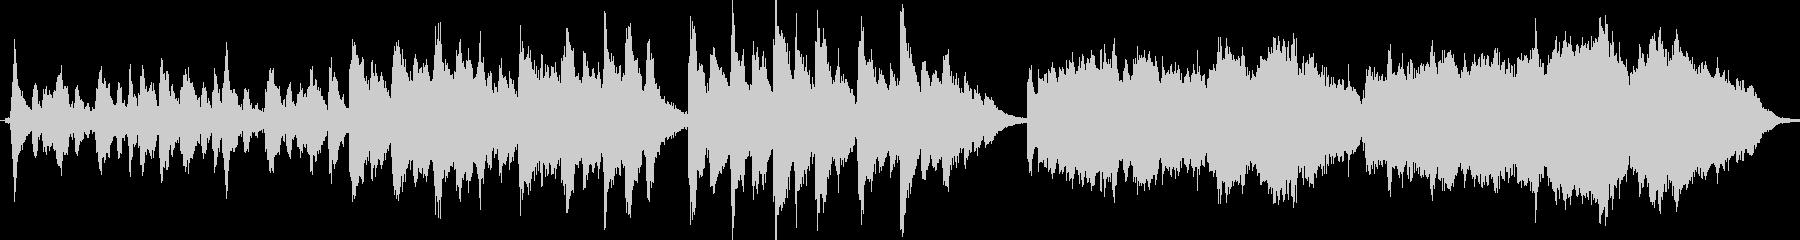 ピアノとコーラスの先導者によるオー...の未再生の波形